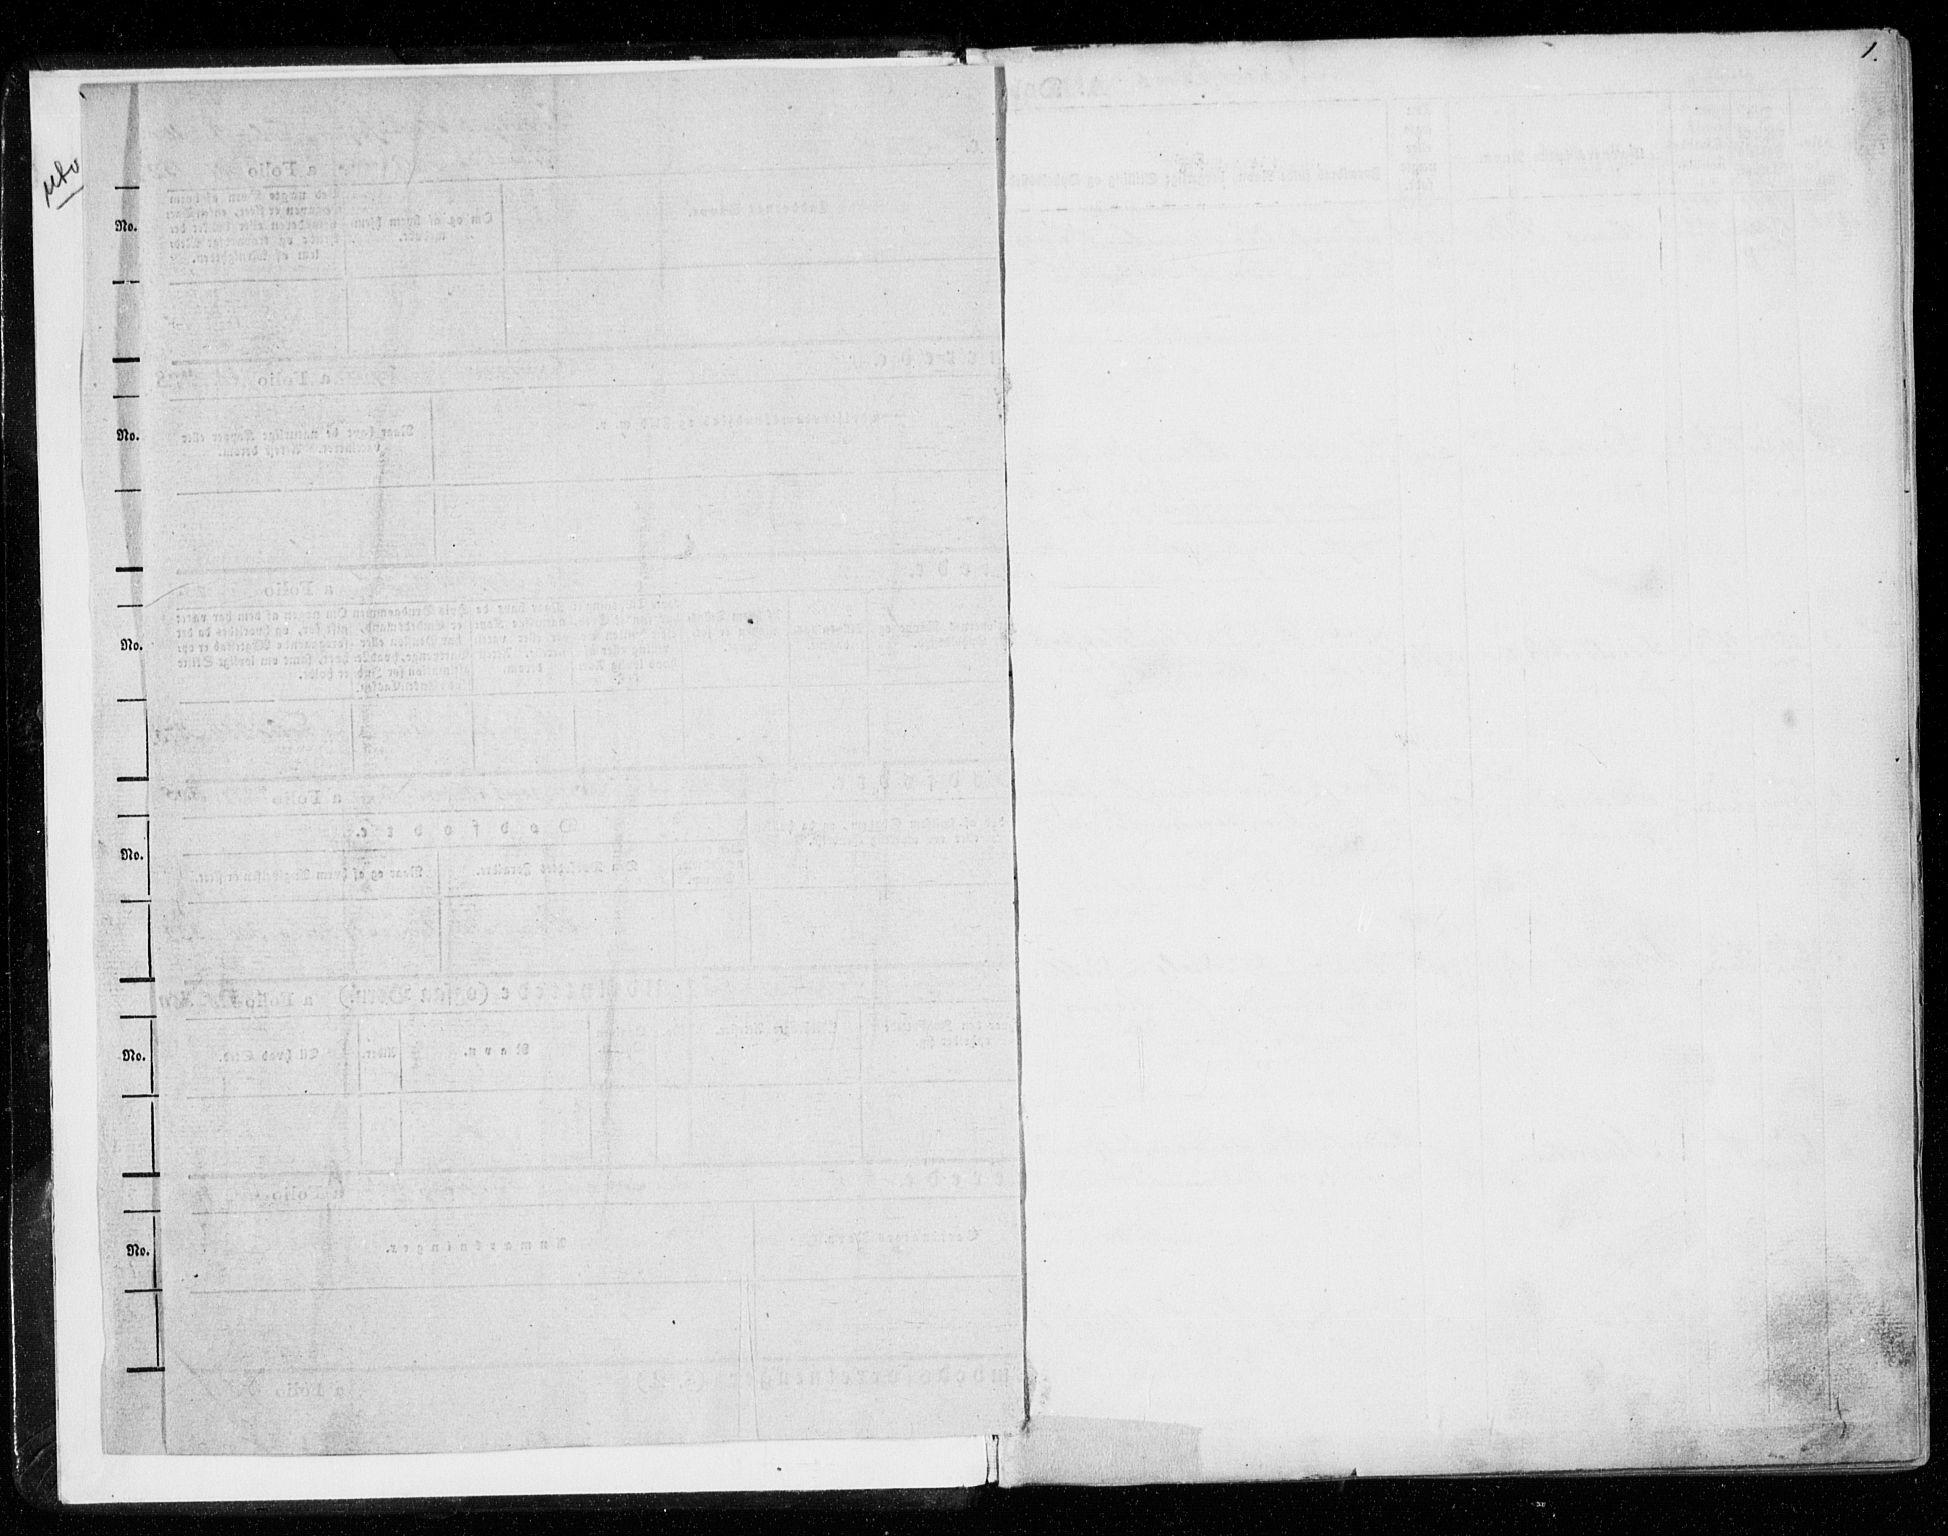 SAT, Ministerialprotokoller, klokkerbøker og fødselsregistre - Nord-Trøndelag, 701/L0007: Parish register (official) no. 701A07 /1, 1842-1854, p. 1